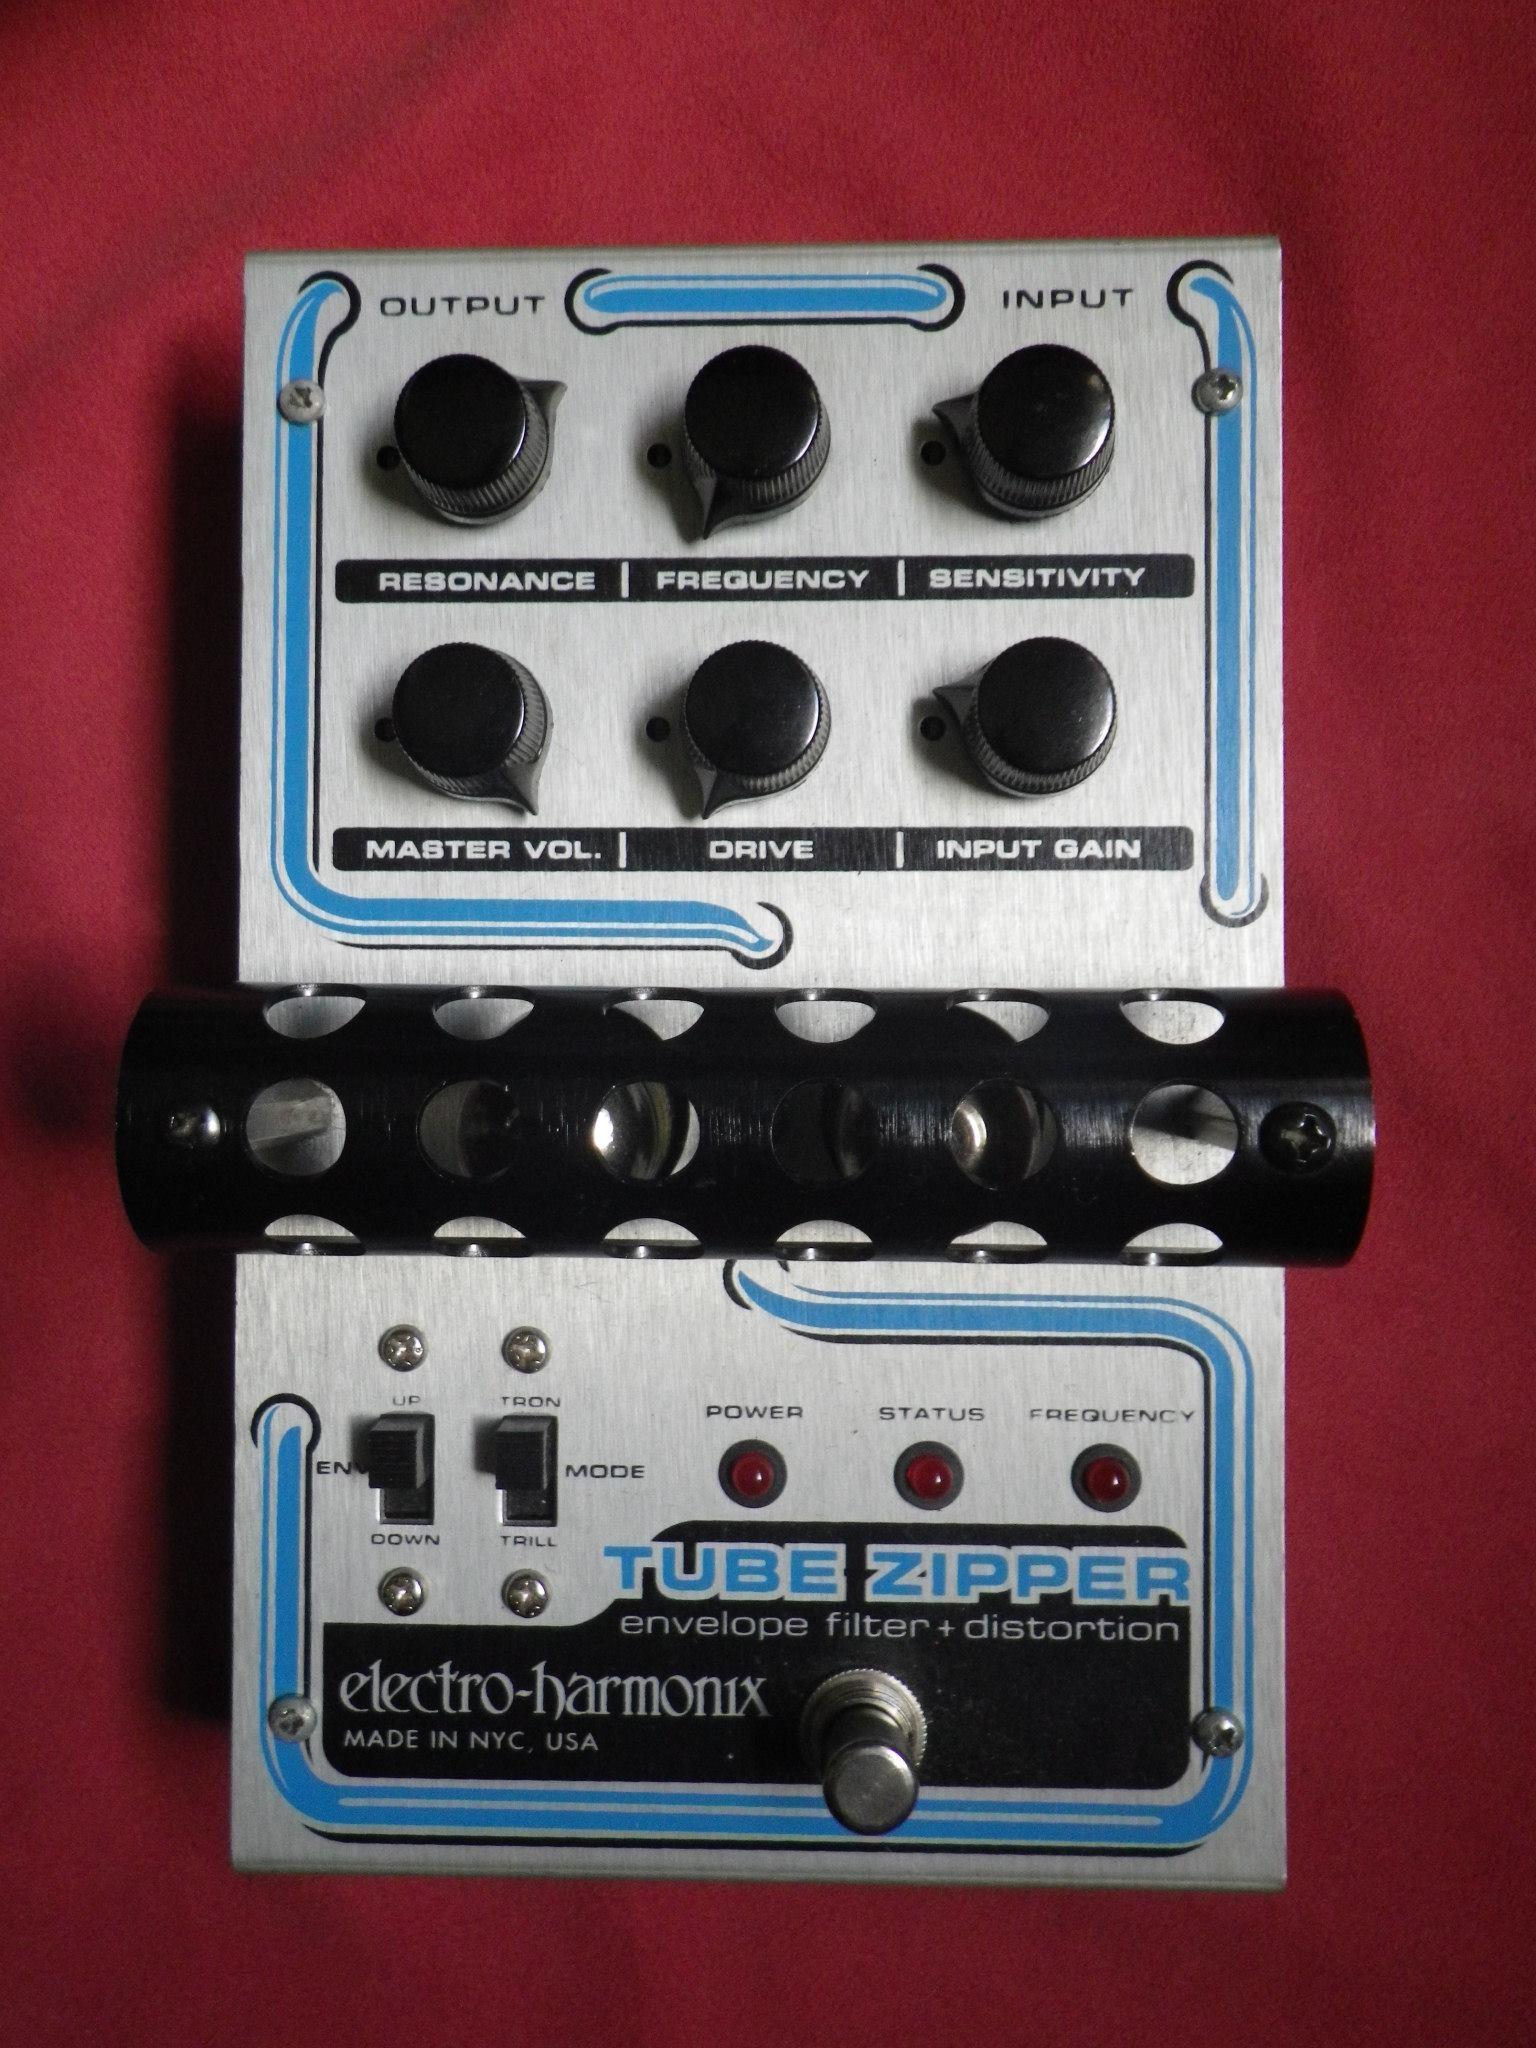 electro-harmonix_TUBE_ZIPPER